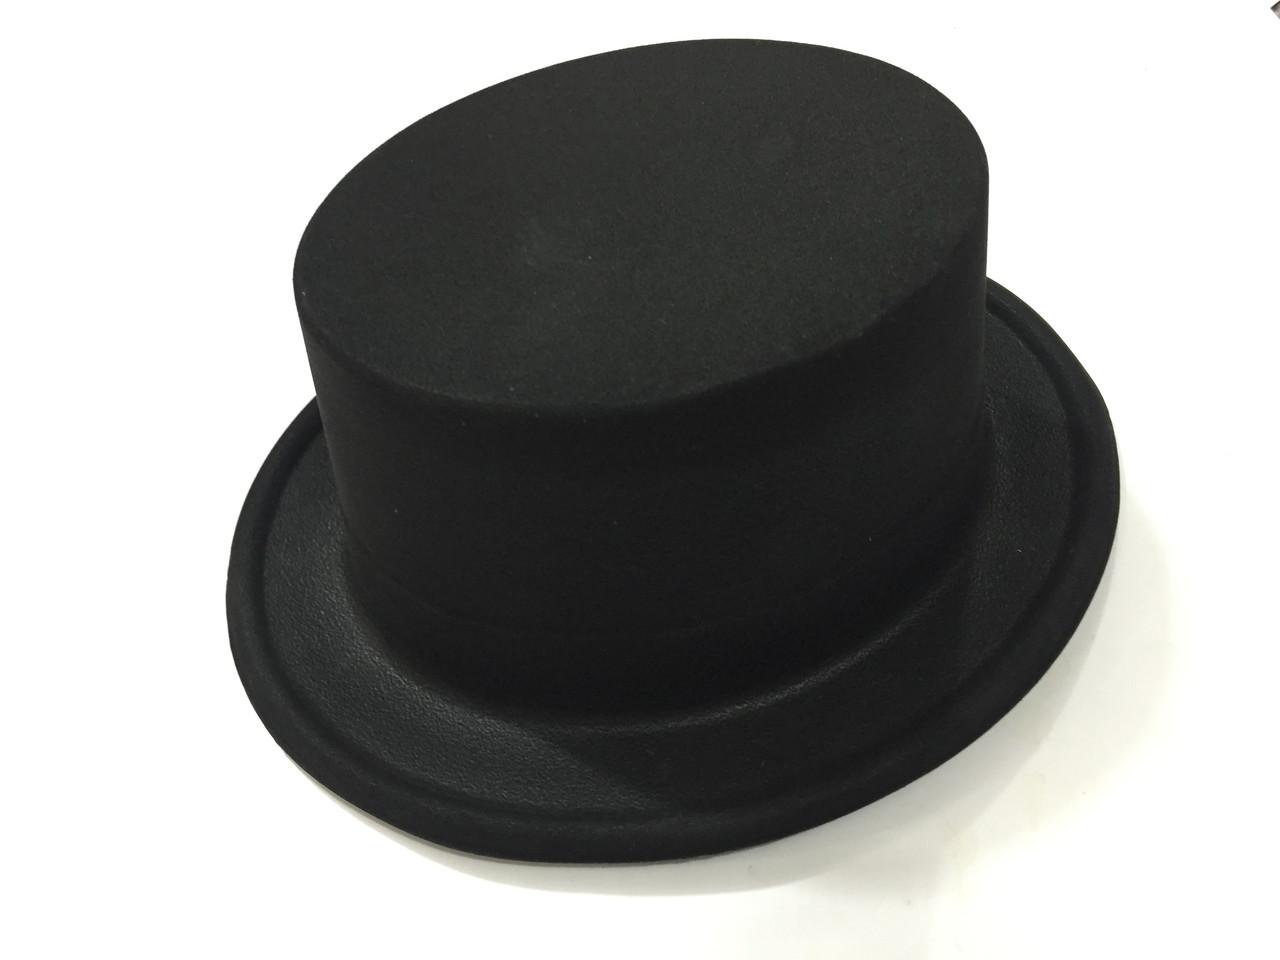 Шляпа пластик цилиндр 28*24см - ФИШКА в Киеве